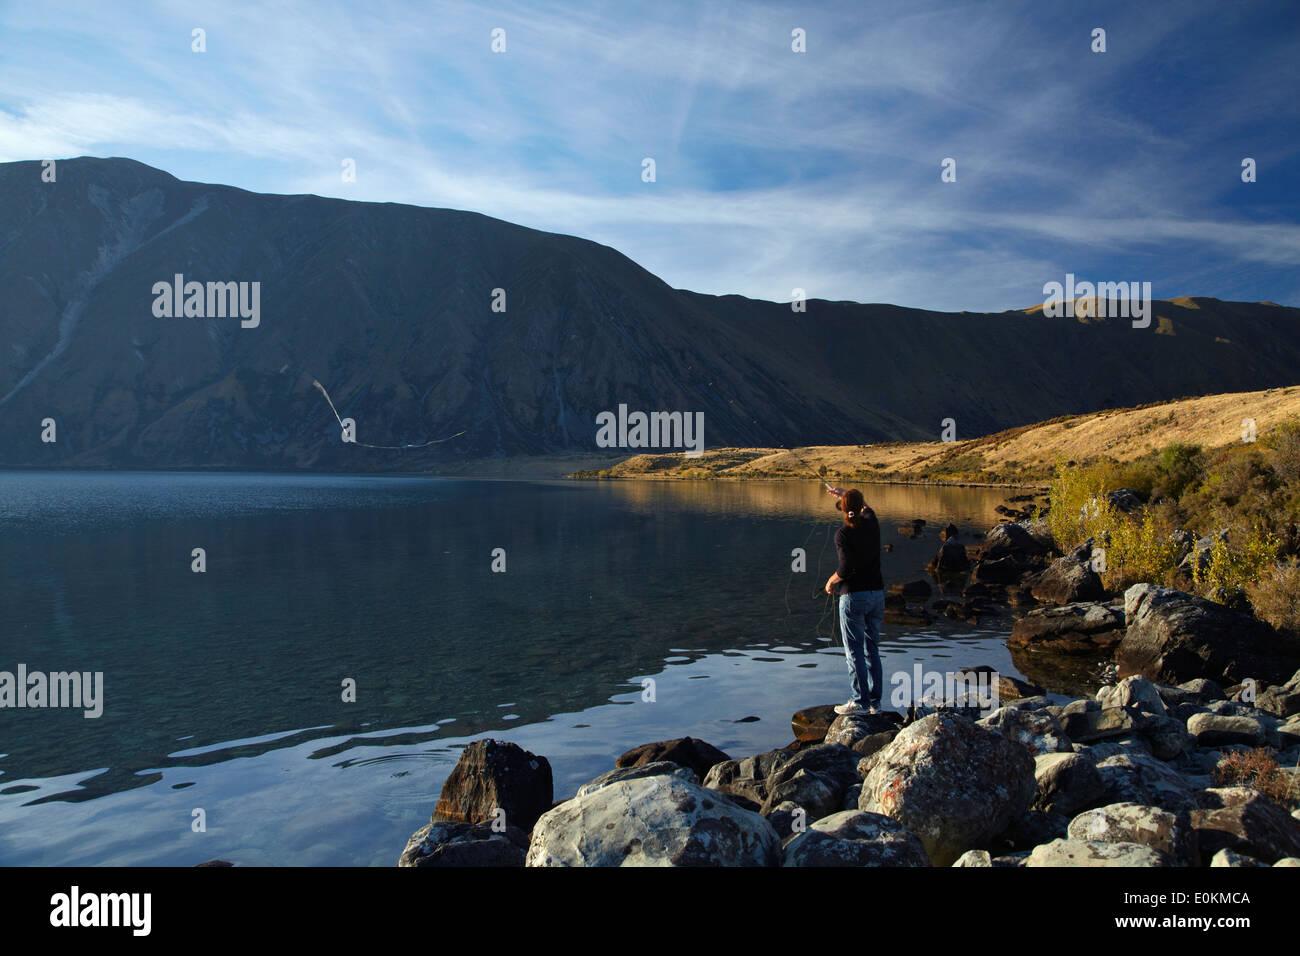 La pêche à la mouche, le lac Ohau, Mackenzie Country, South Canterbury, île du Sud, Nouvelle-Zélande Photo Stock